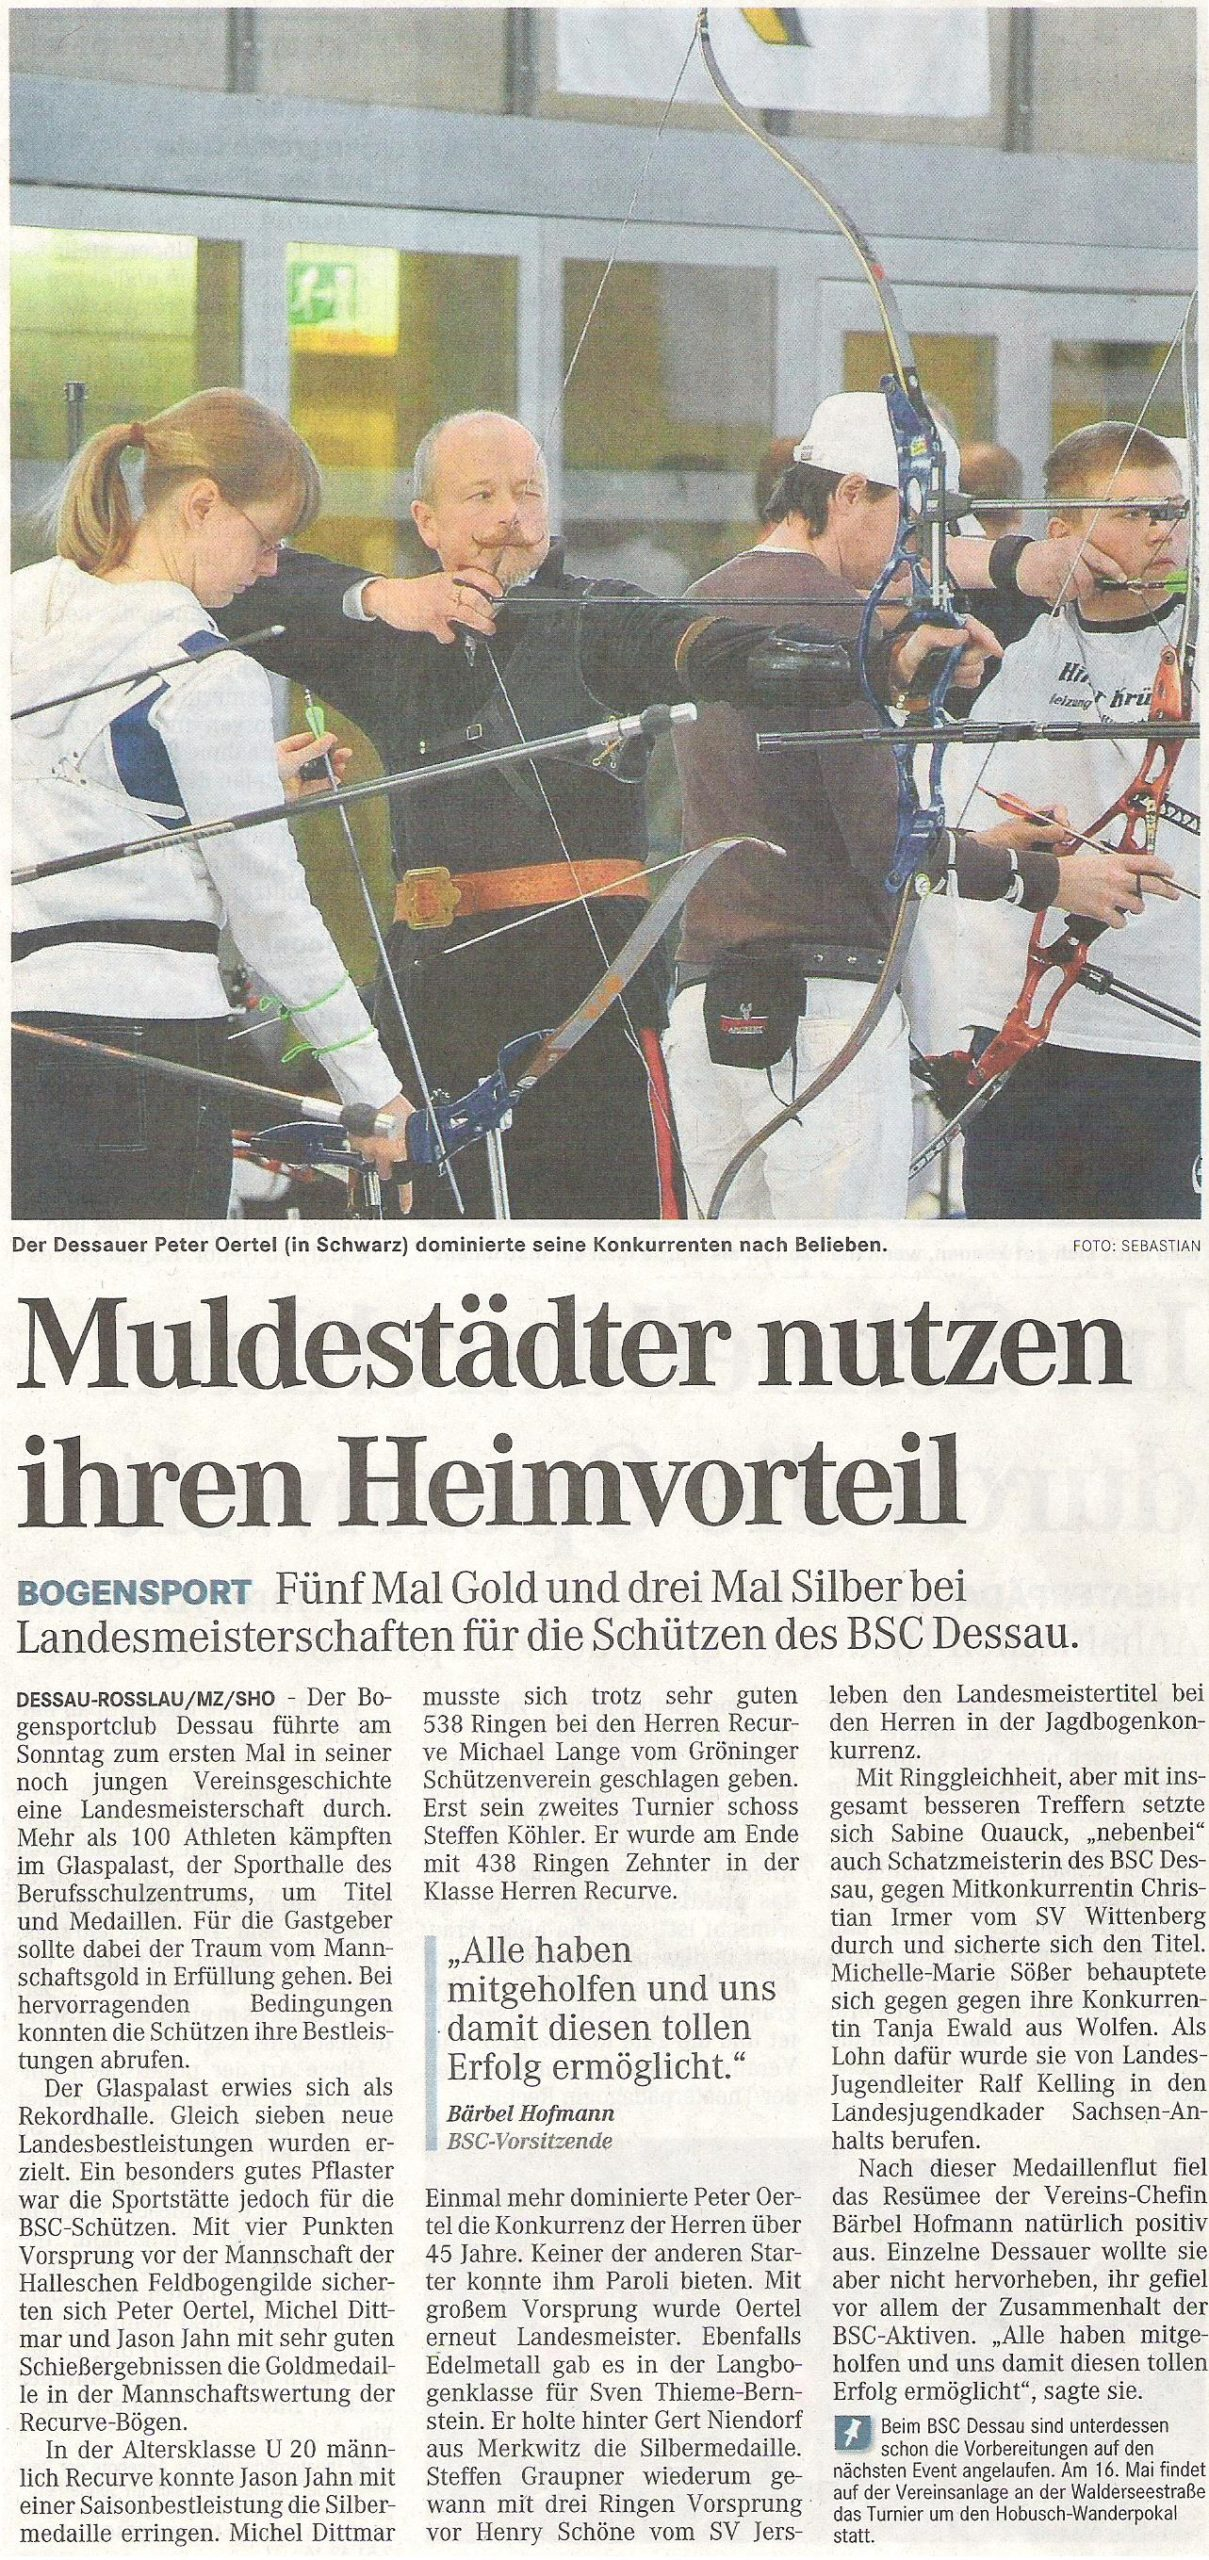 LM Fita Halle – Mitteldeutsche Zeitung vom 13.01.2009